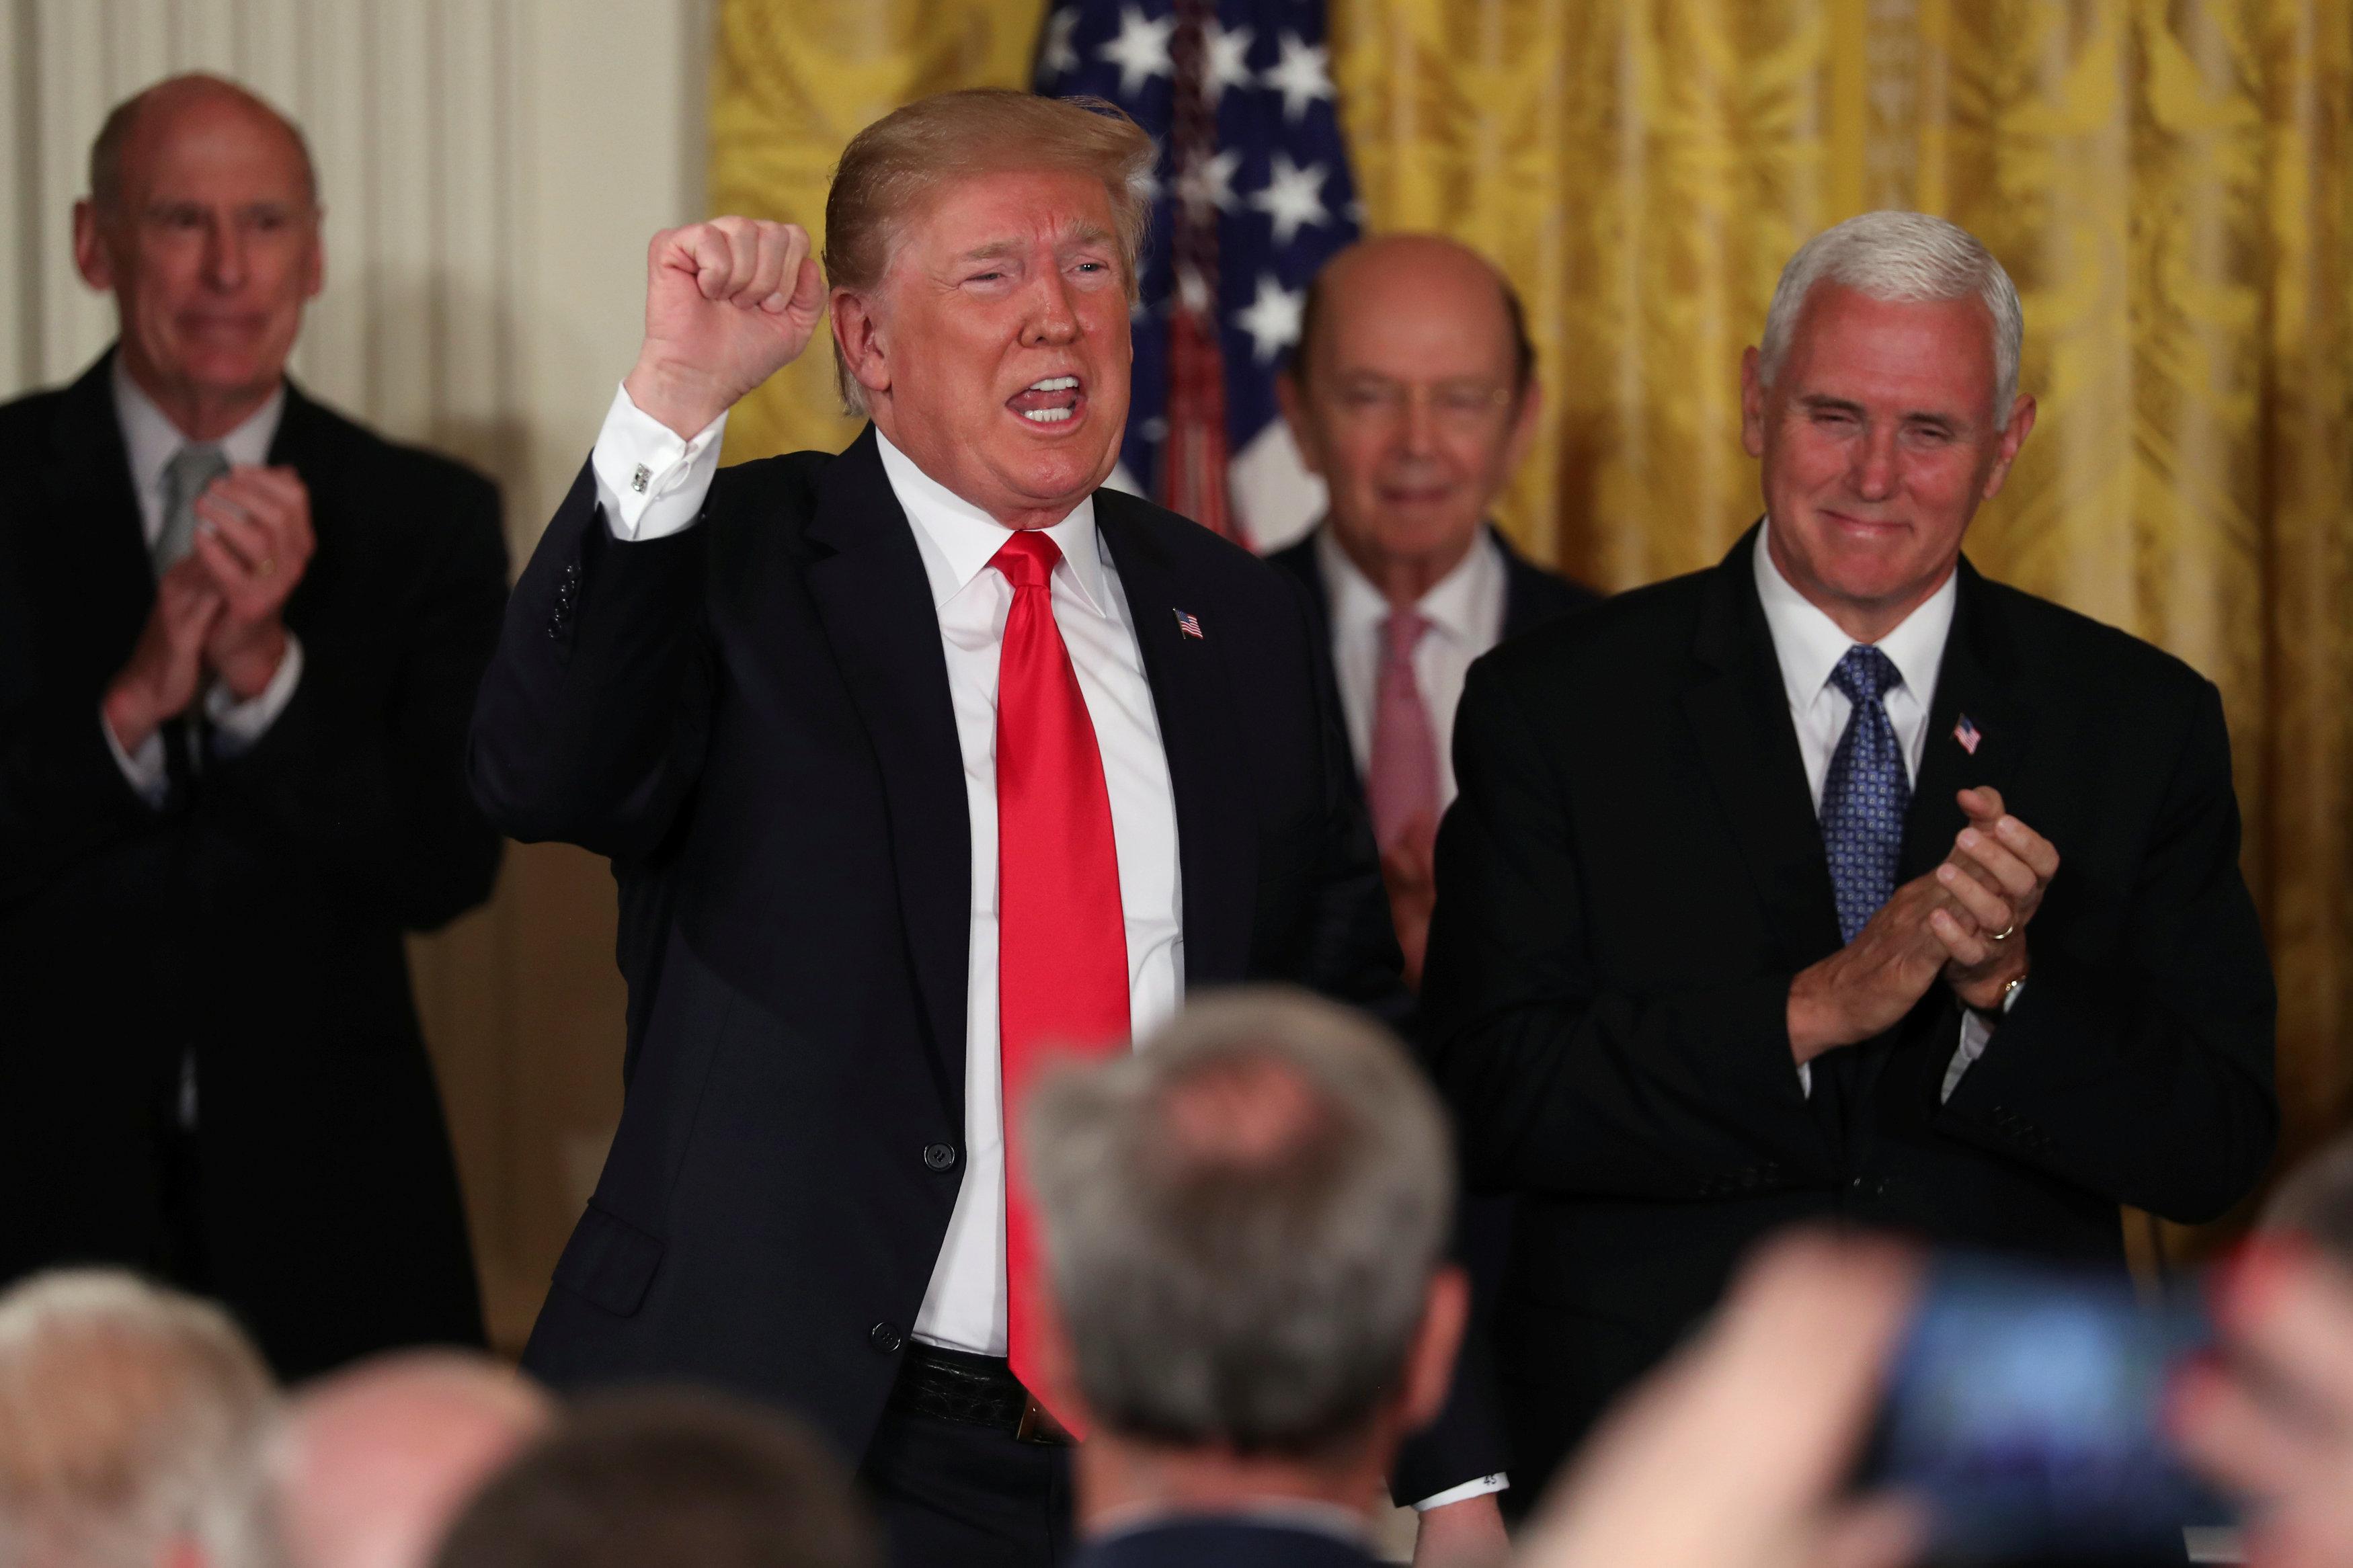 President Donald Trump, Wilbur Ross, Mike Pence